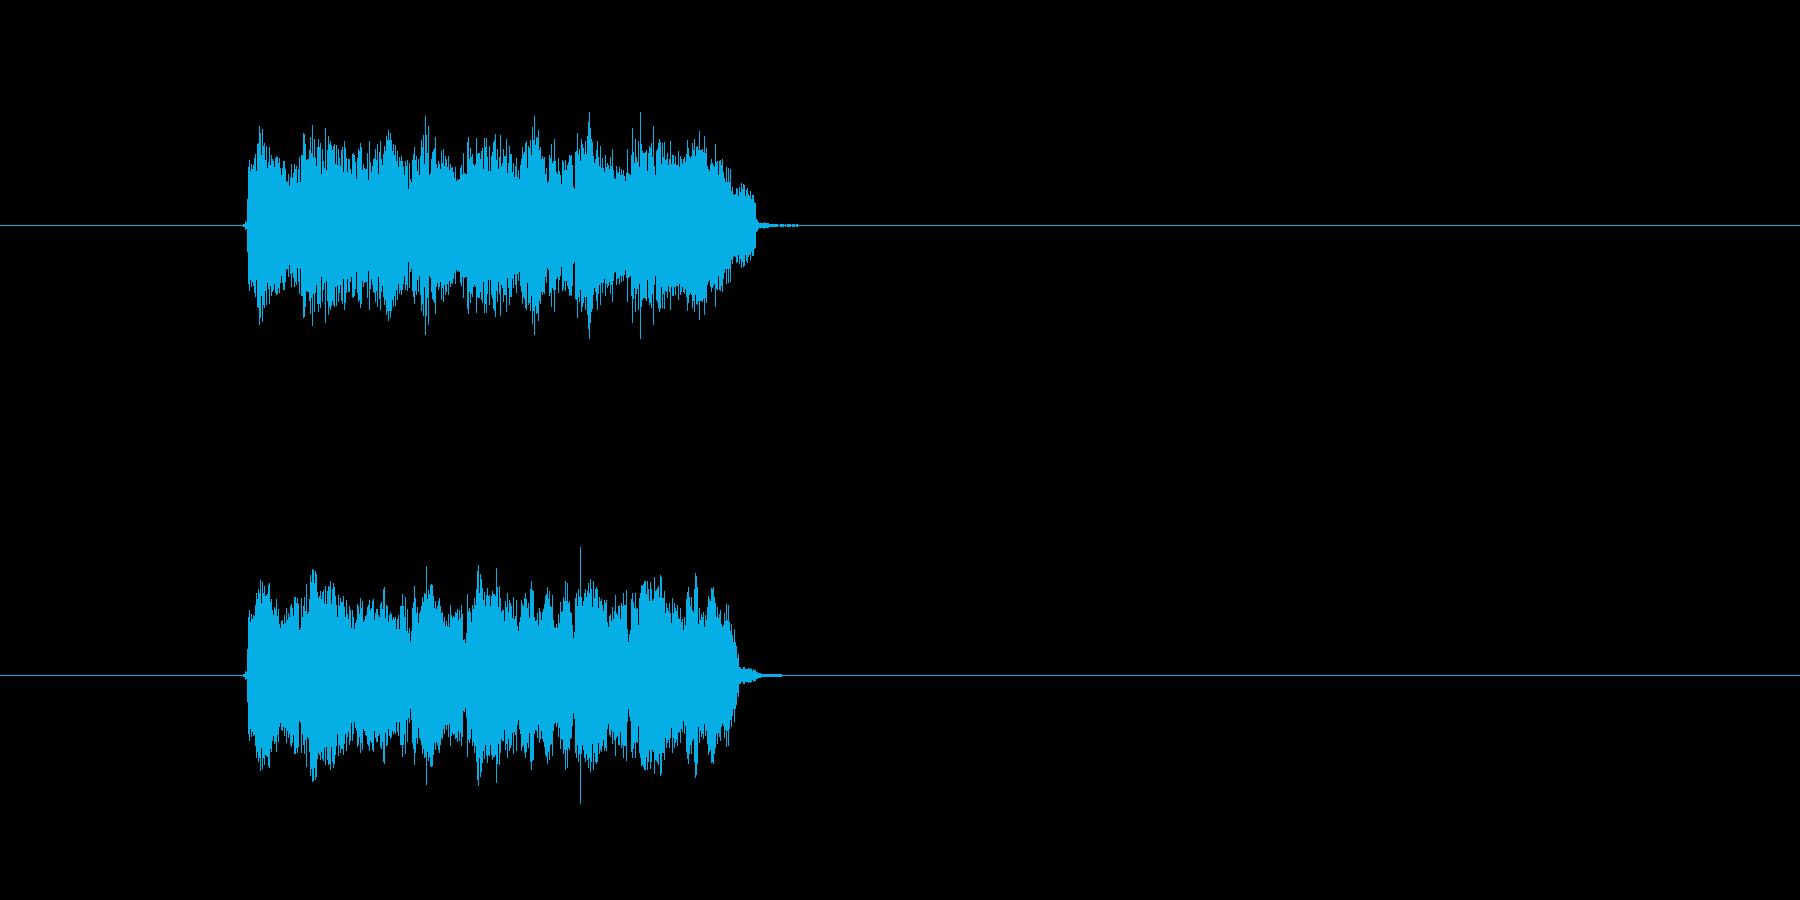 ゲーム、クイズ(正解)_009の再生済みの波形